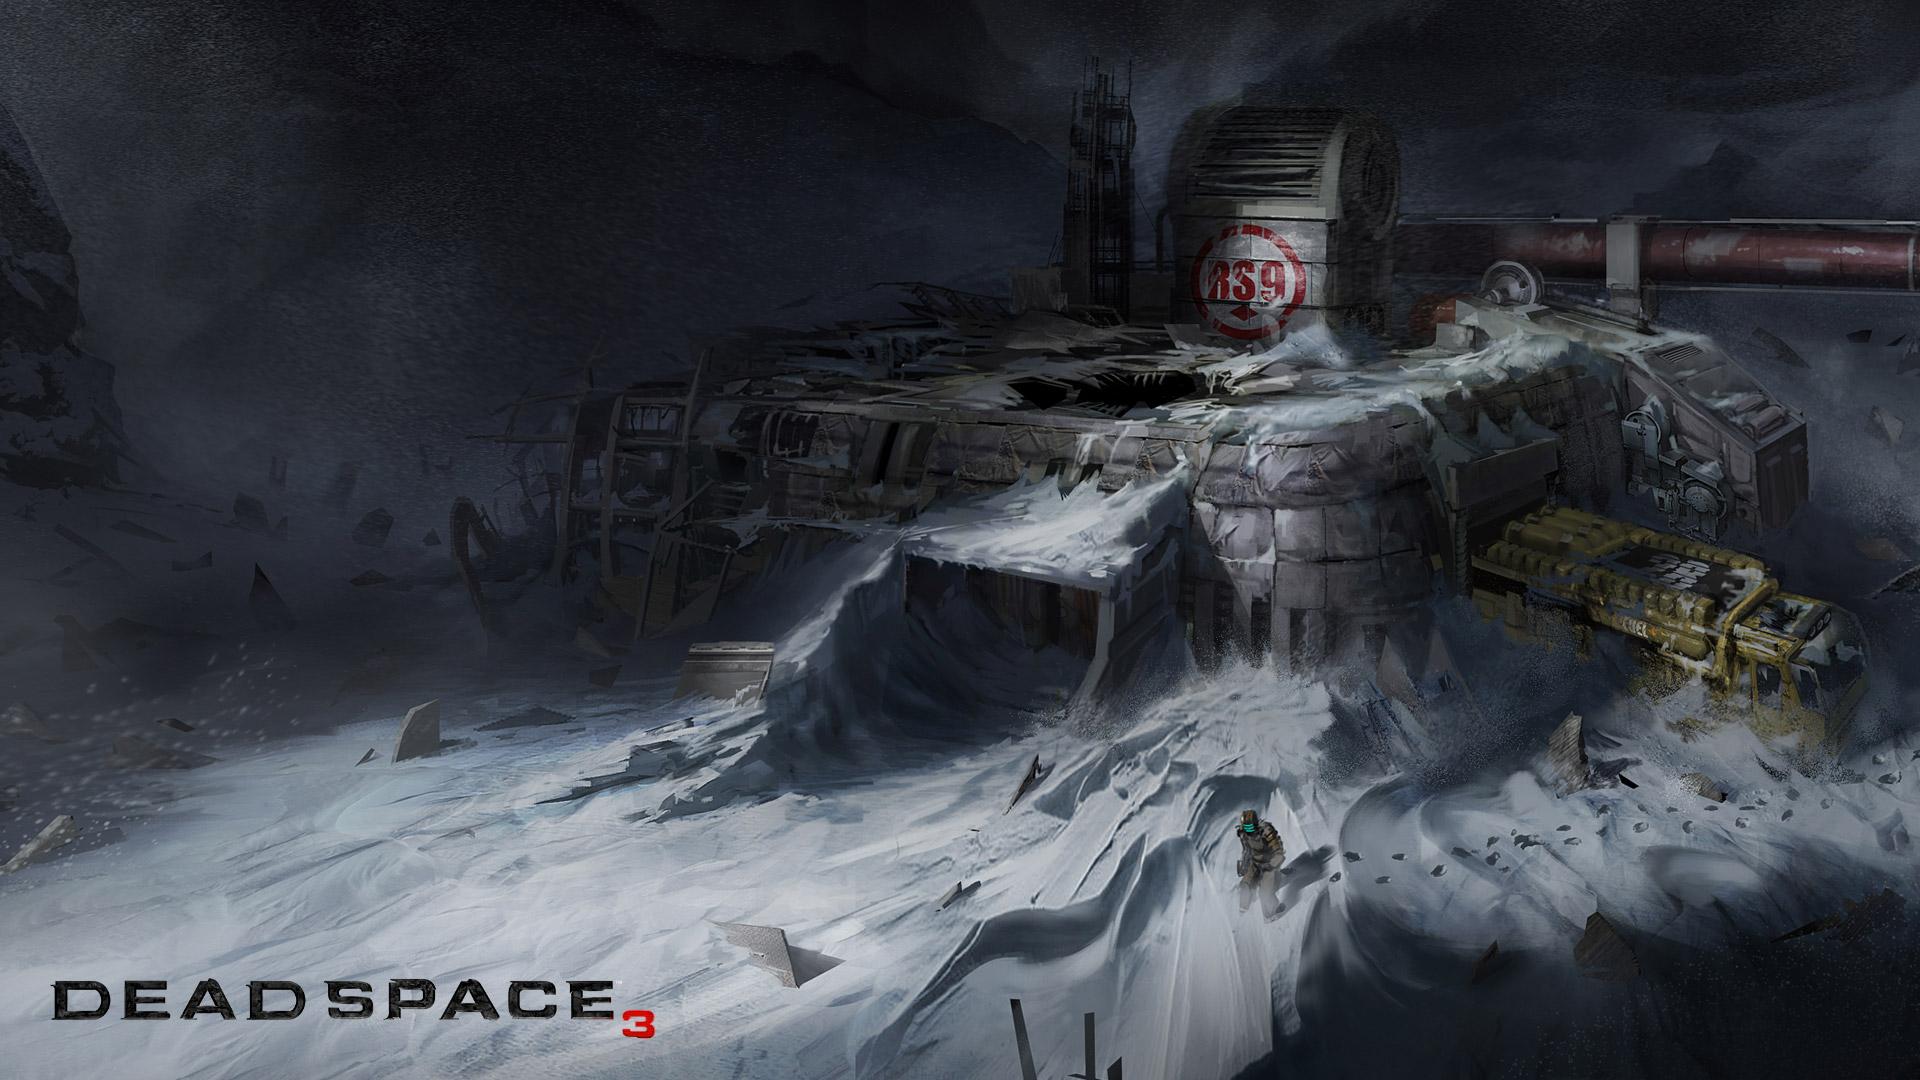 Dead Space 3 wallpaper 9